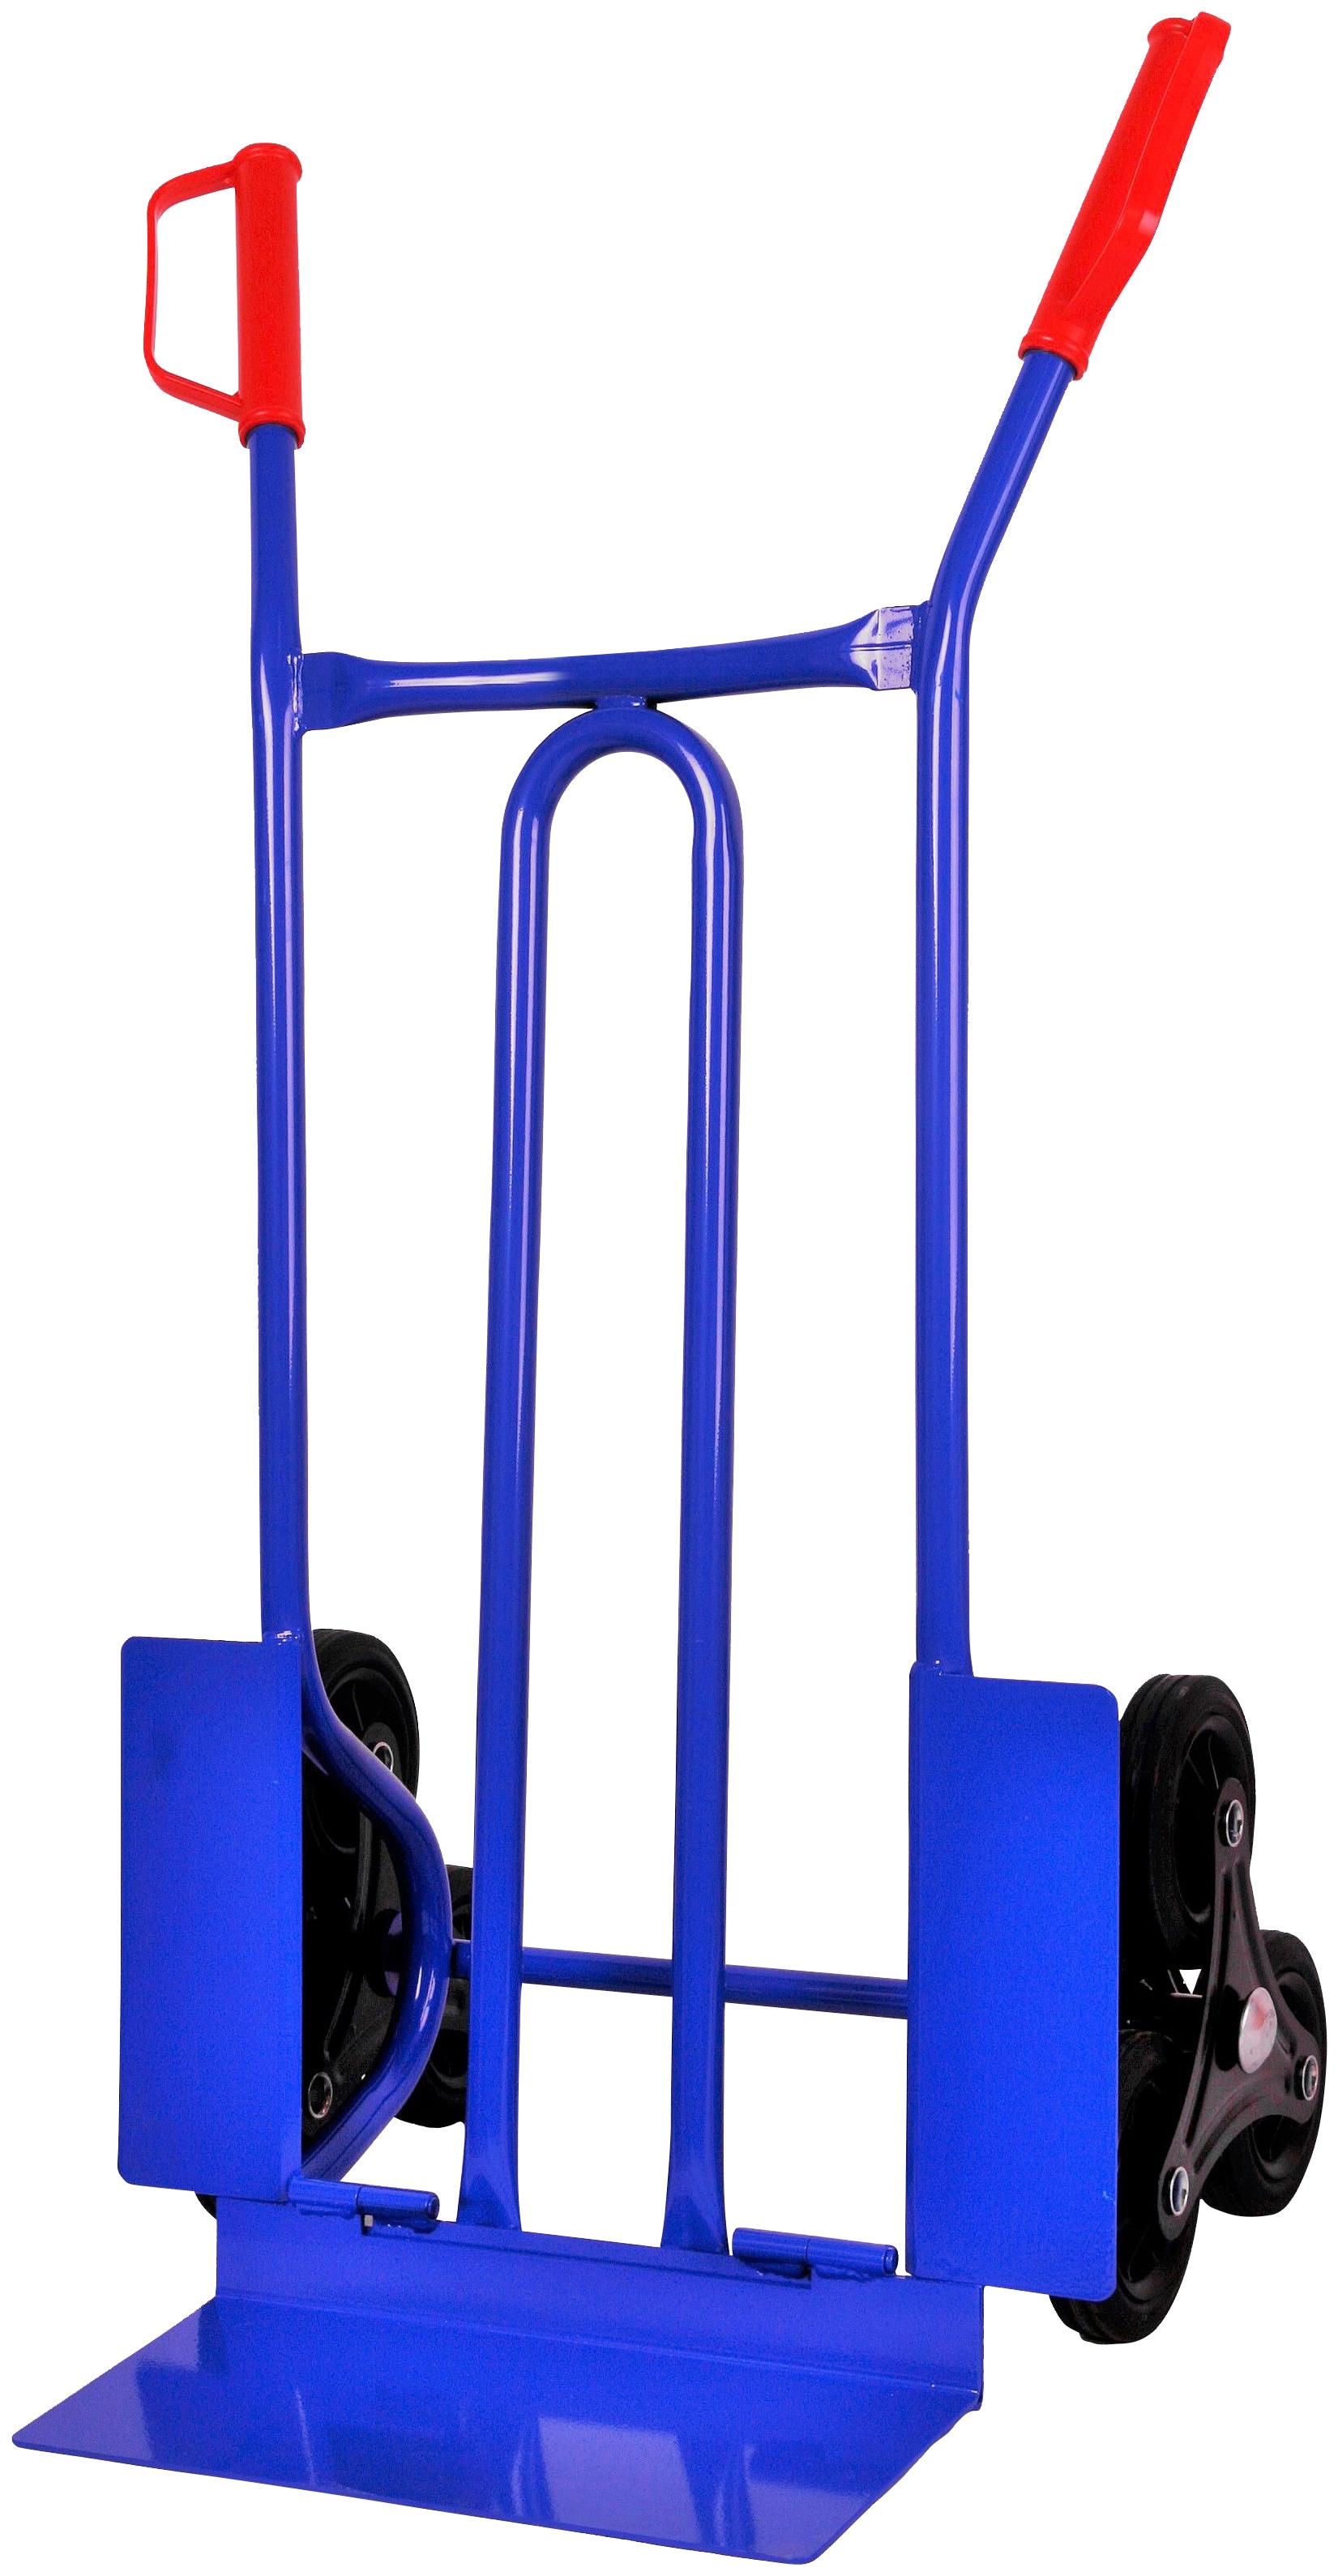 SZ METALL Sackkarre blau Sackkarren Transport Werkzeug Maschinen